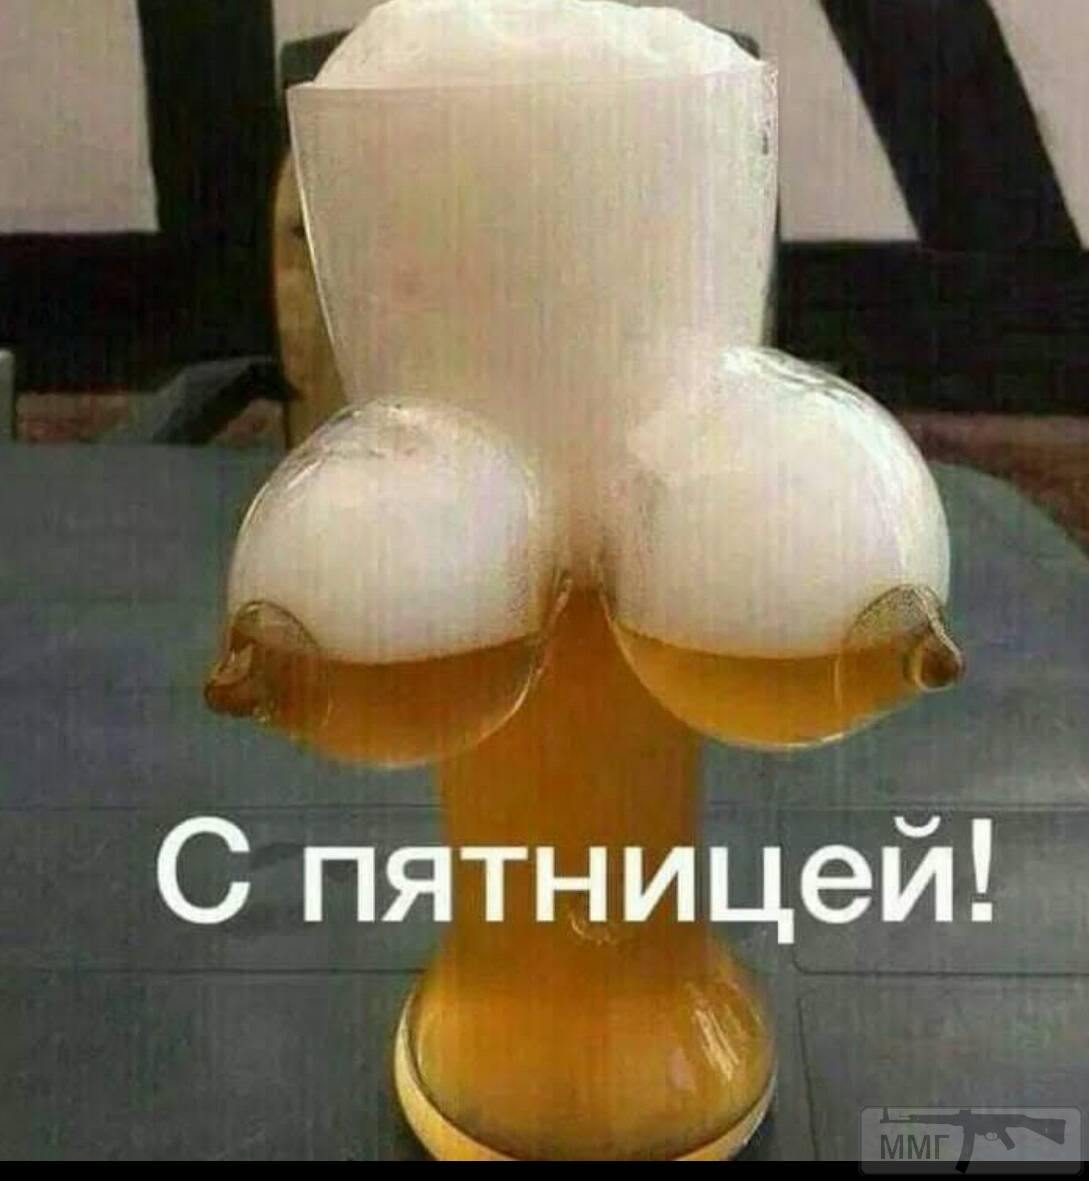 38432 - Пить или не пить? - пятничная алкогольная тема )))